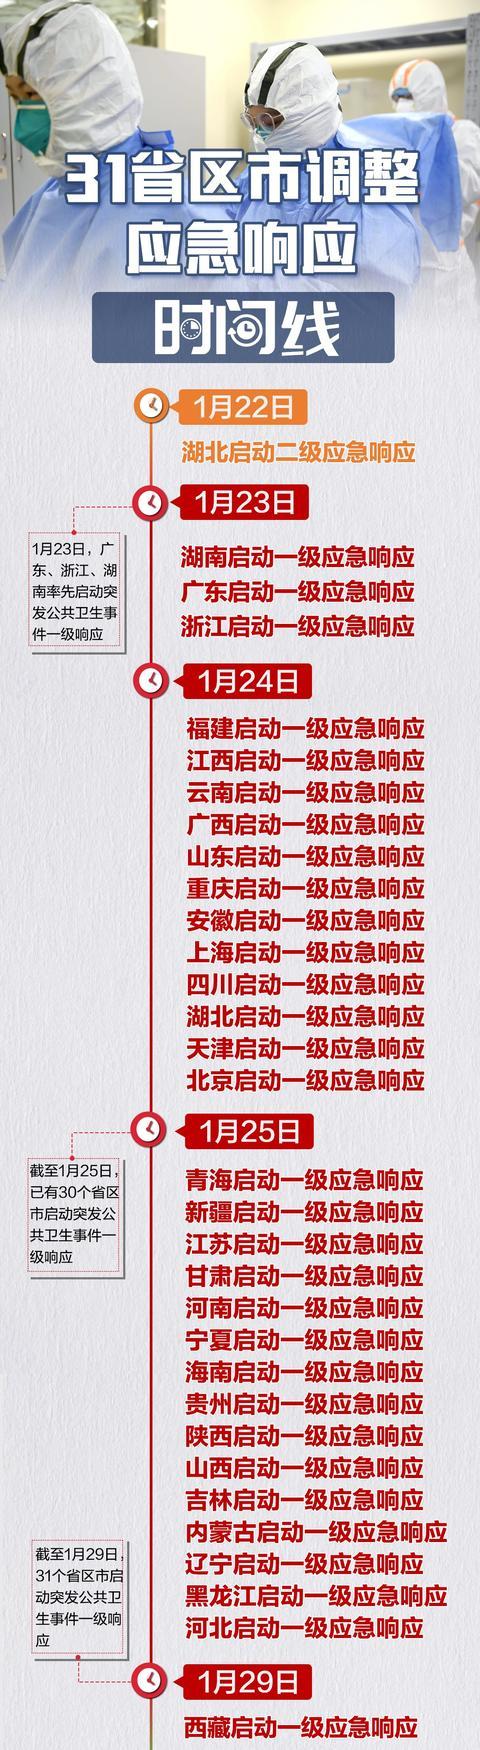 杏悦娱乐:国31省区杏悦娱乐市全部图片